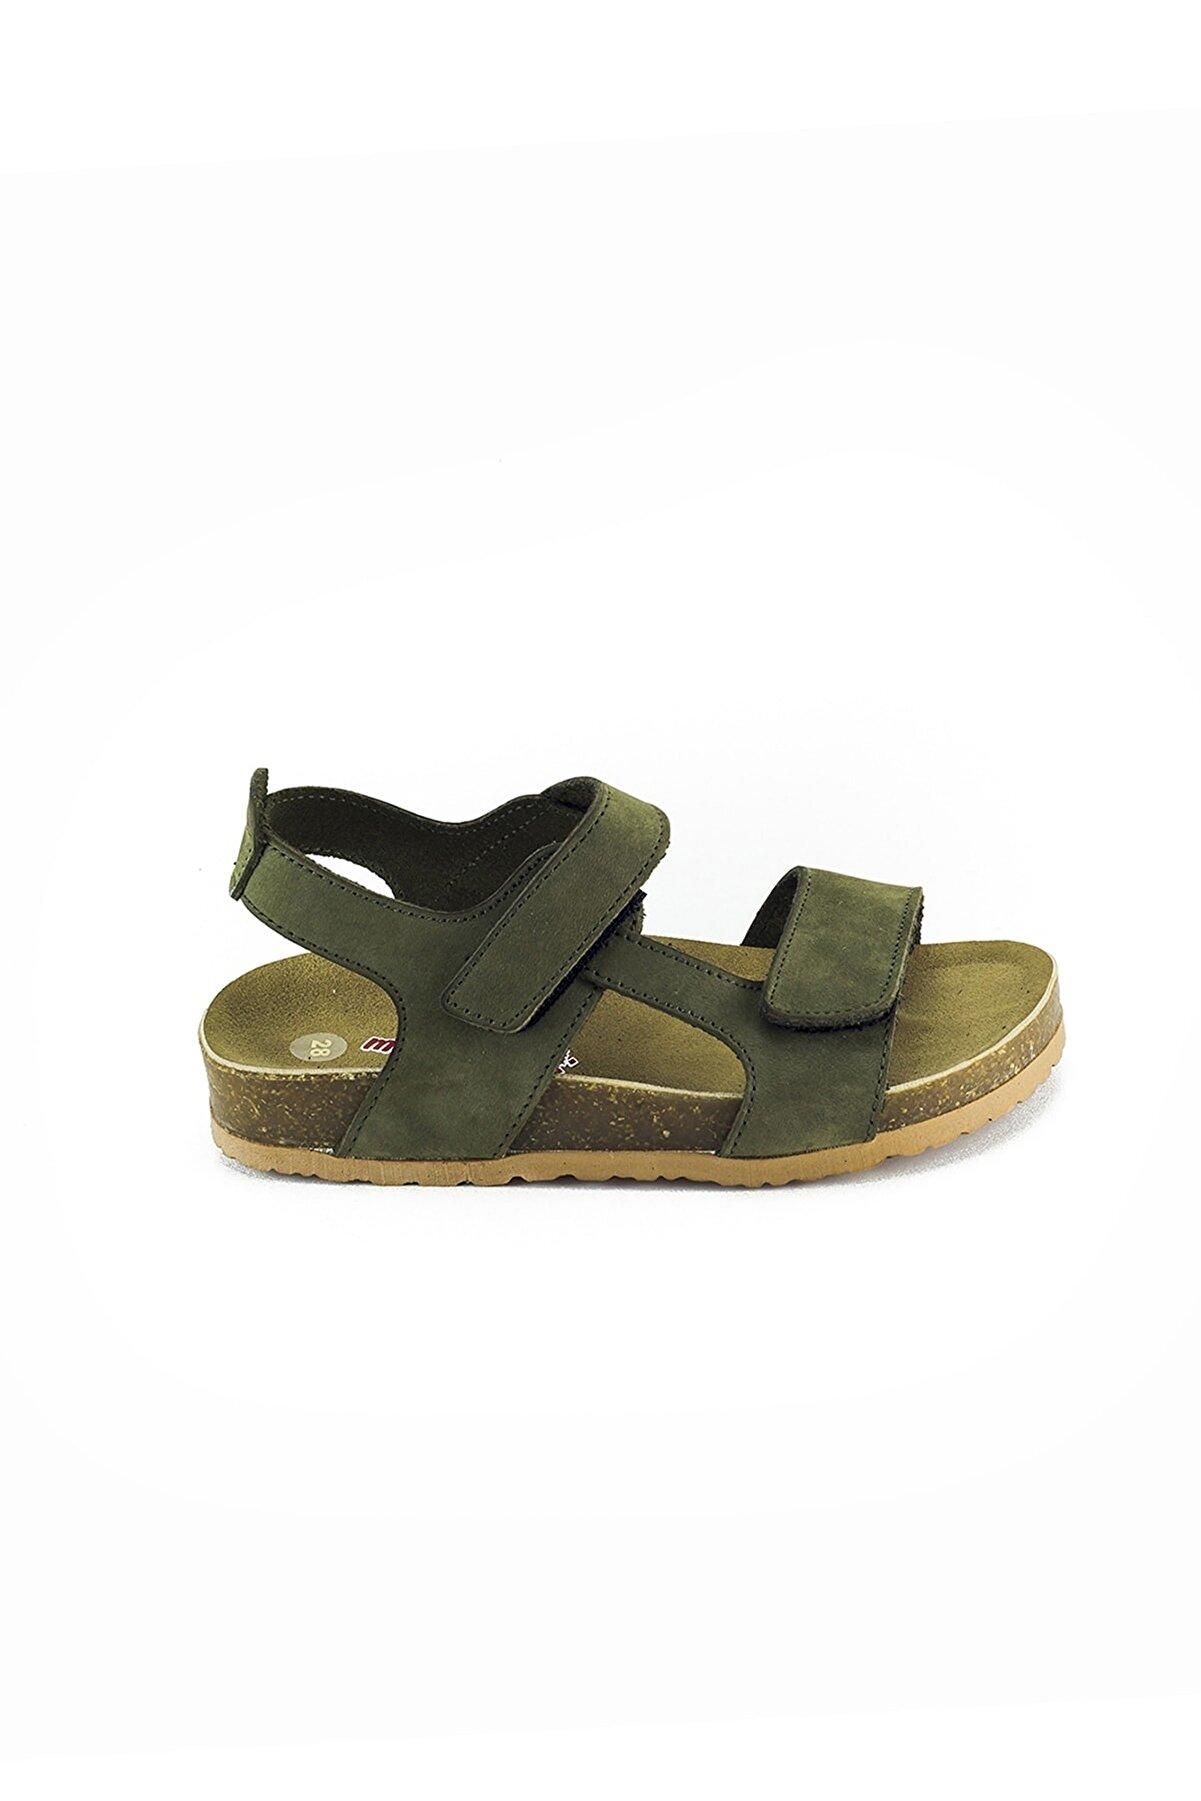 Minipicco Erkek Çocuk Haki Deri Ortopedik Sandalet